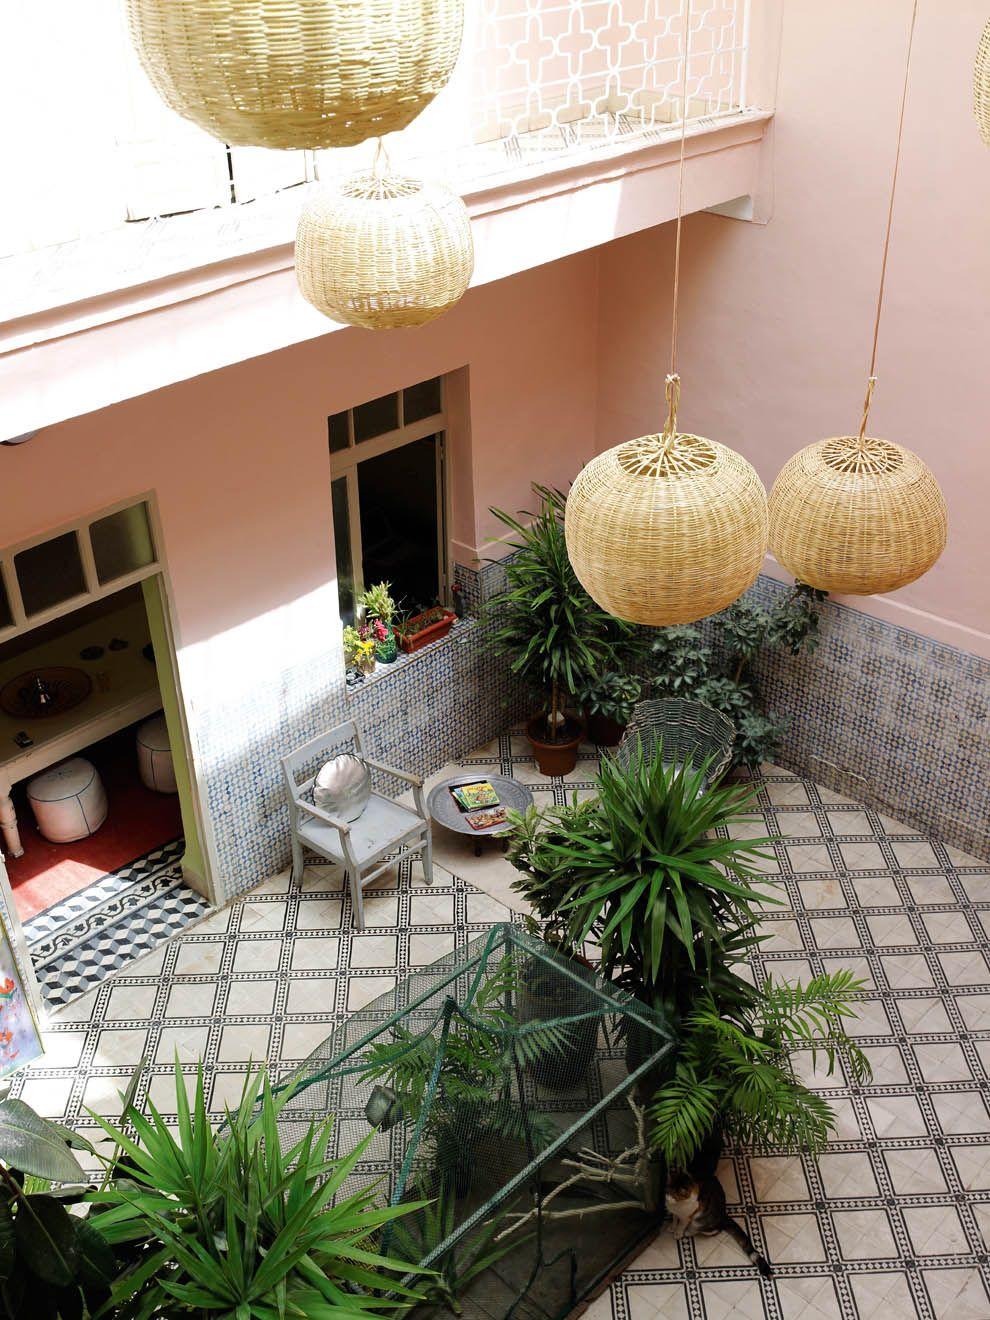 Marrakech le riad zid zid kids cour intérieuredehorsterrassesintérieur maisontuilesserrebureauxambiancepaysages